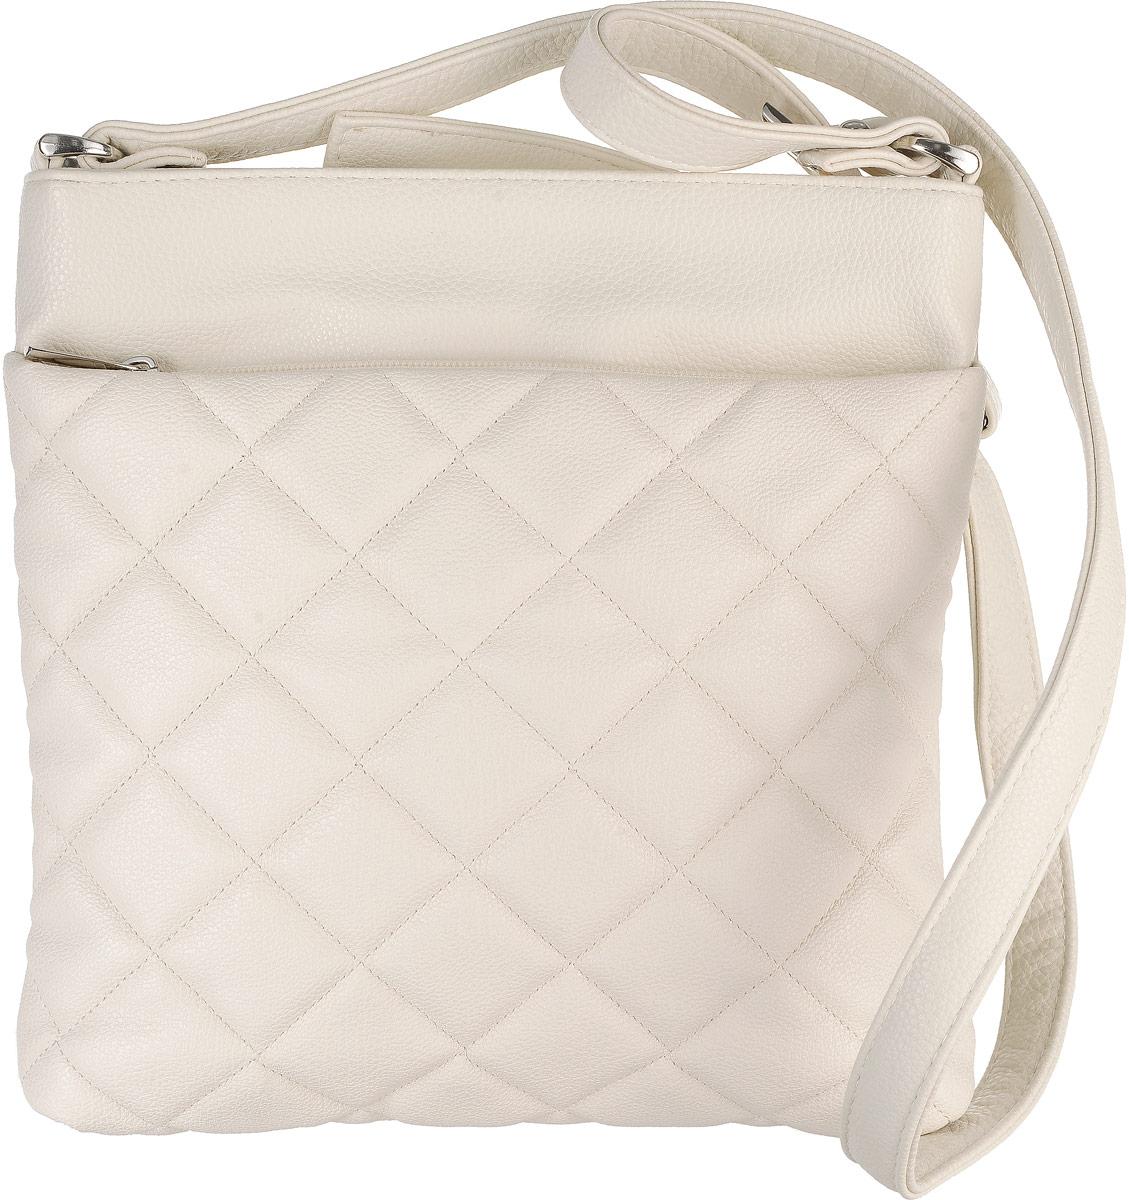 Сумка женская Аntan, цвет: светло-бежевый. 902A-B86-05-CСтильная женская сумка Аntan выполнена из искусственной кожи. Изделие имеет одно отделение, которое застегивается на застежку-молнию. Внутри сумки находятся два накладных открытых кармана и прорезной карман на застежке-молнии. Снаружи, на передней стенке расположен накладной карман на застежке-молнии, на задней стенке - прорезной карман на застежке-молнии. Сумка оснащена регулируемым наплечным ремнем.